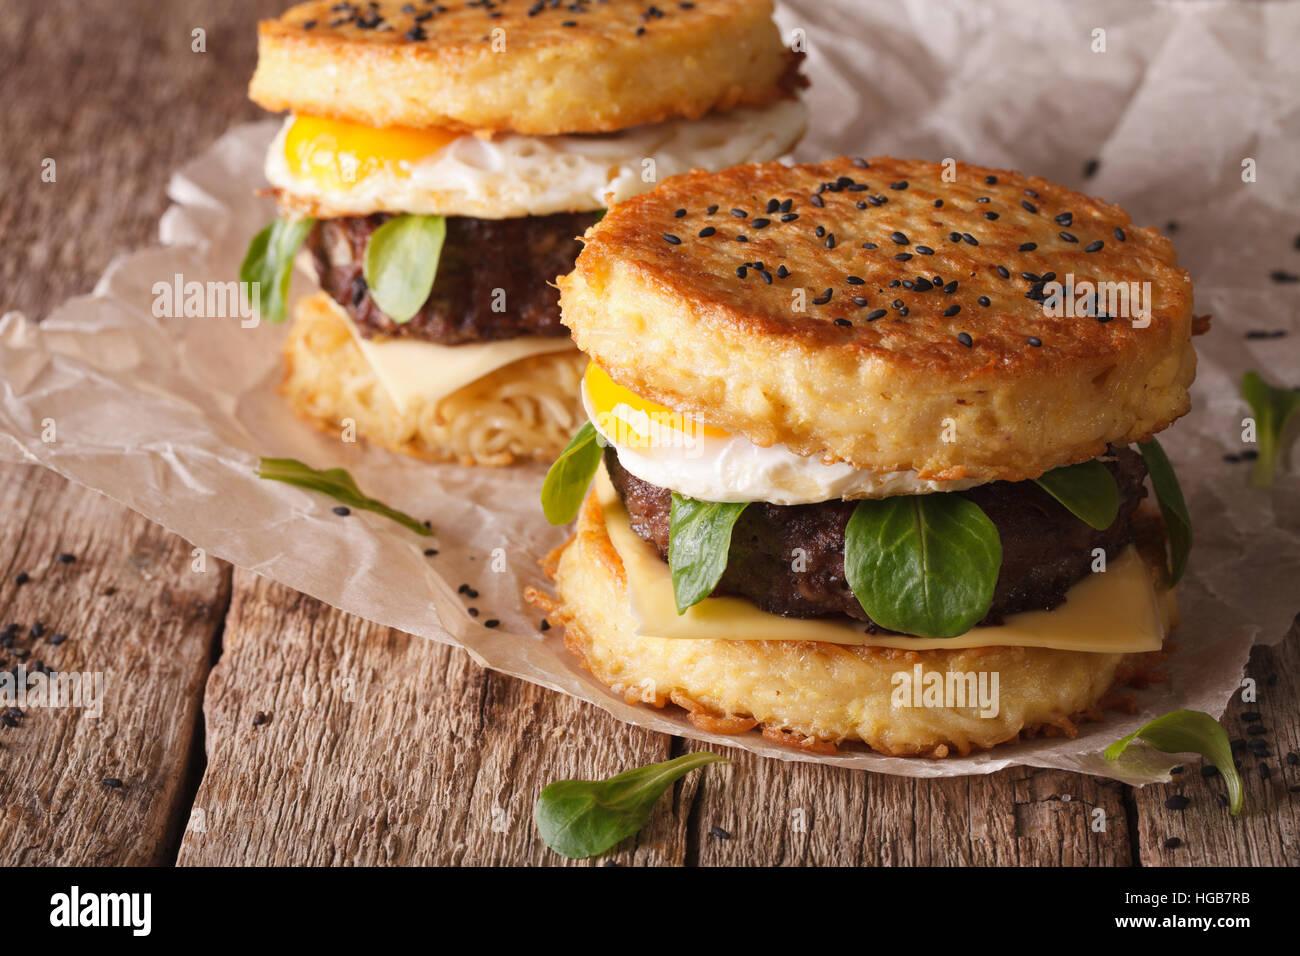 Nouveau: fast food burger ramen close-up sur un papier sur la table en bois horizontal. Photo Stock